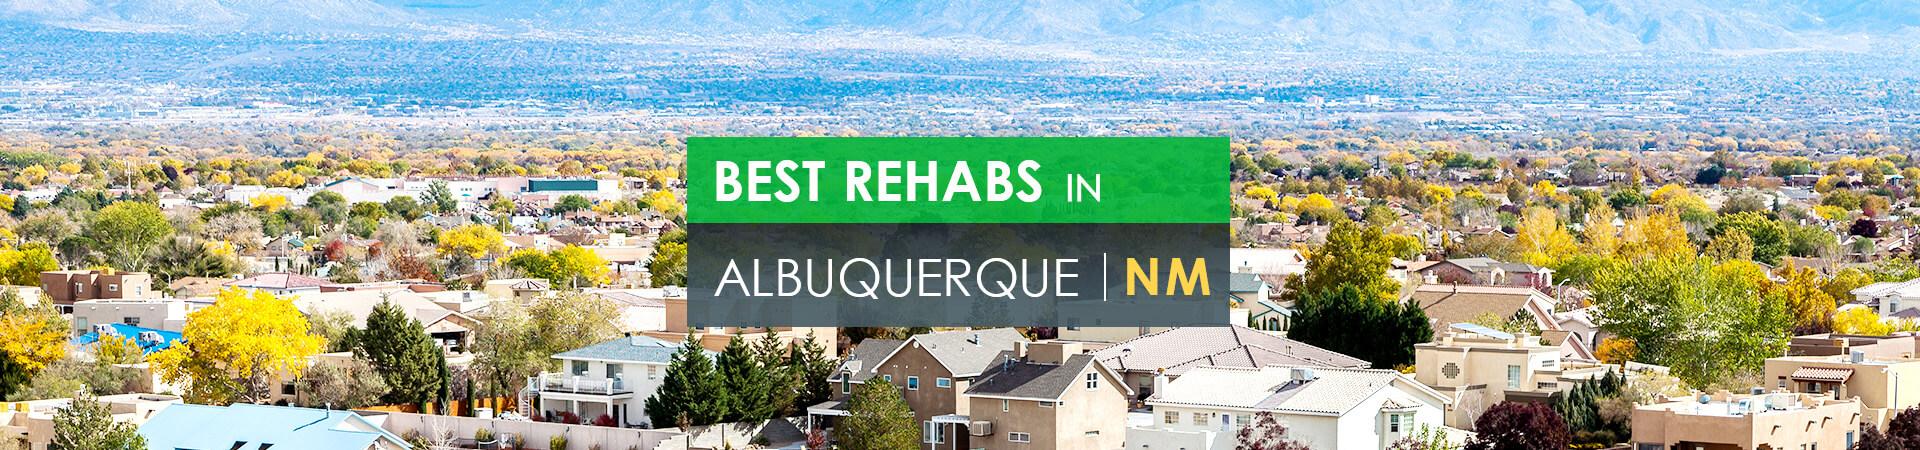 Best rehabs in Albuquerque, NM